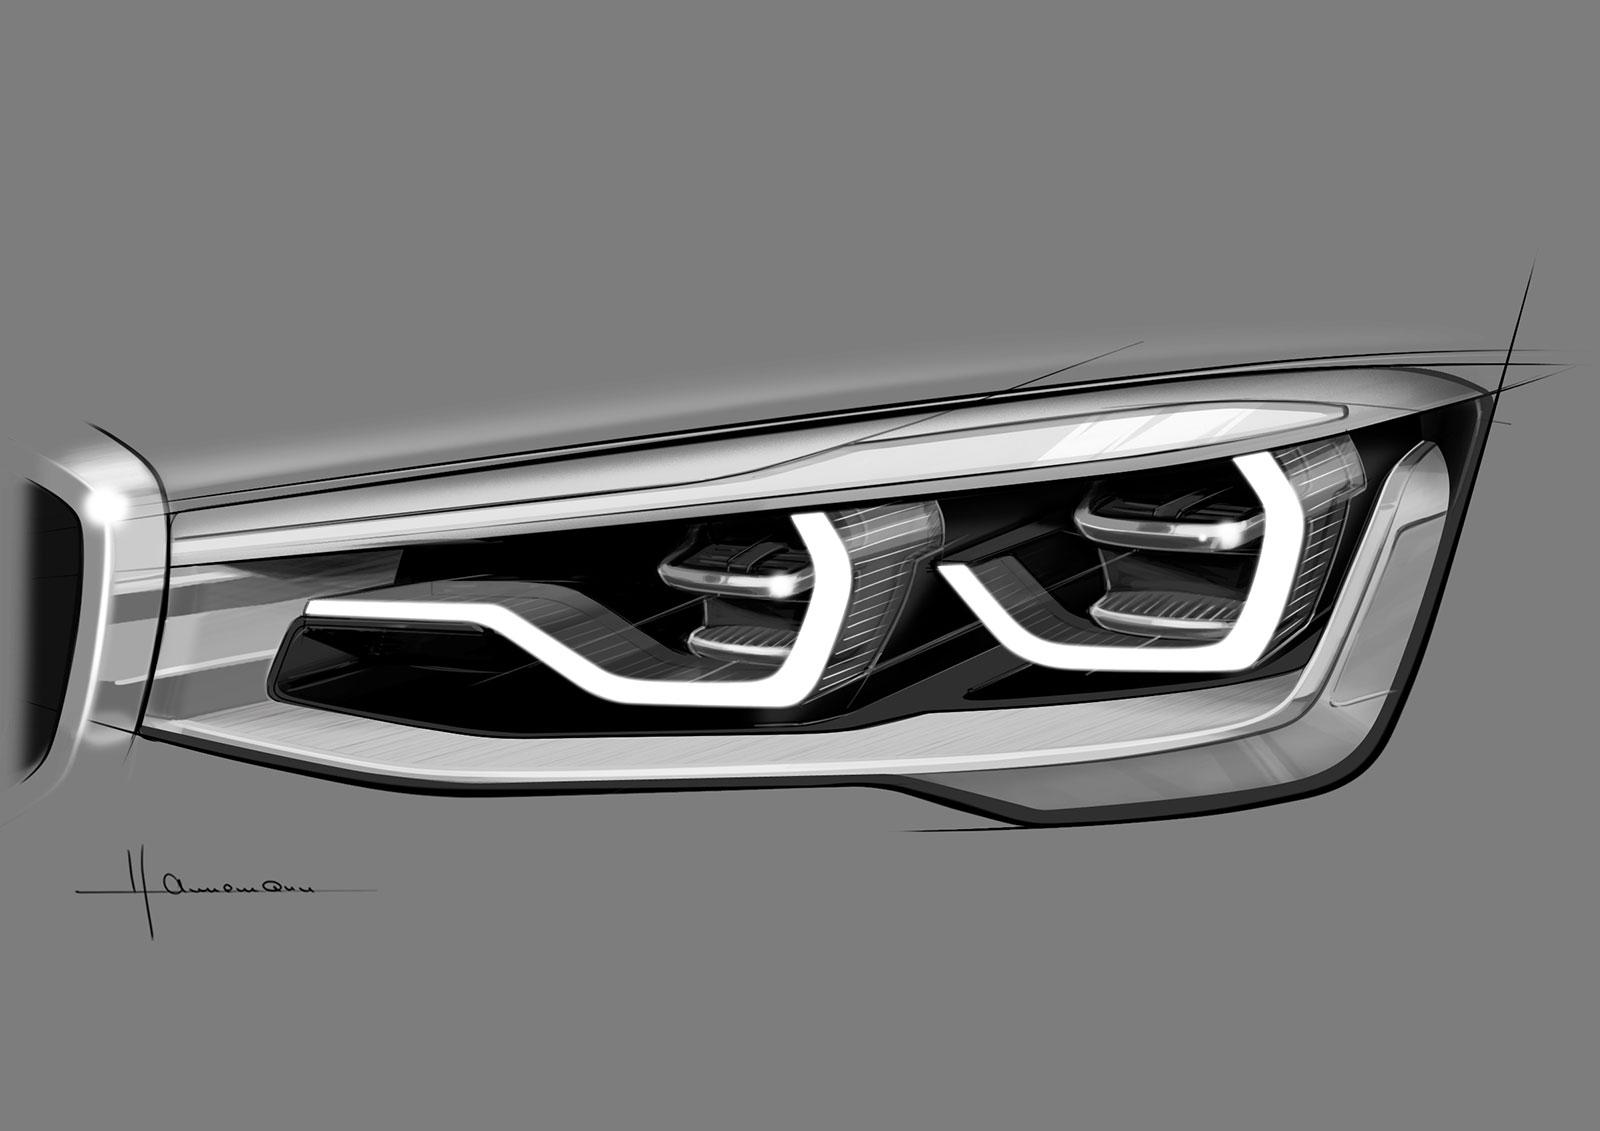 2013 BMW Concept X4 - Concepts